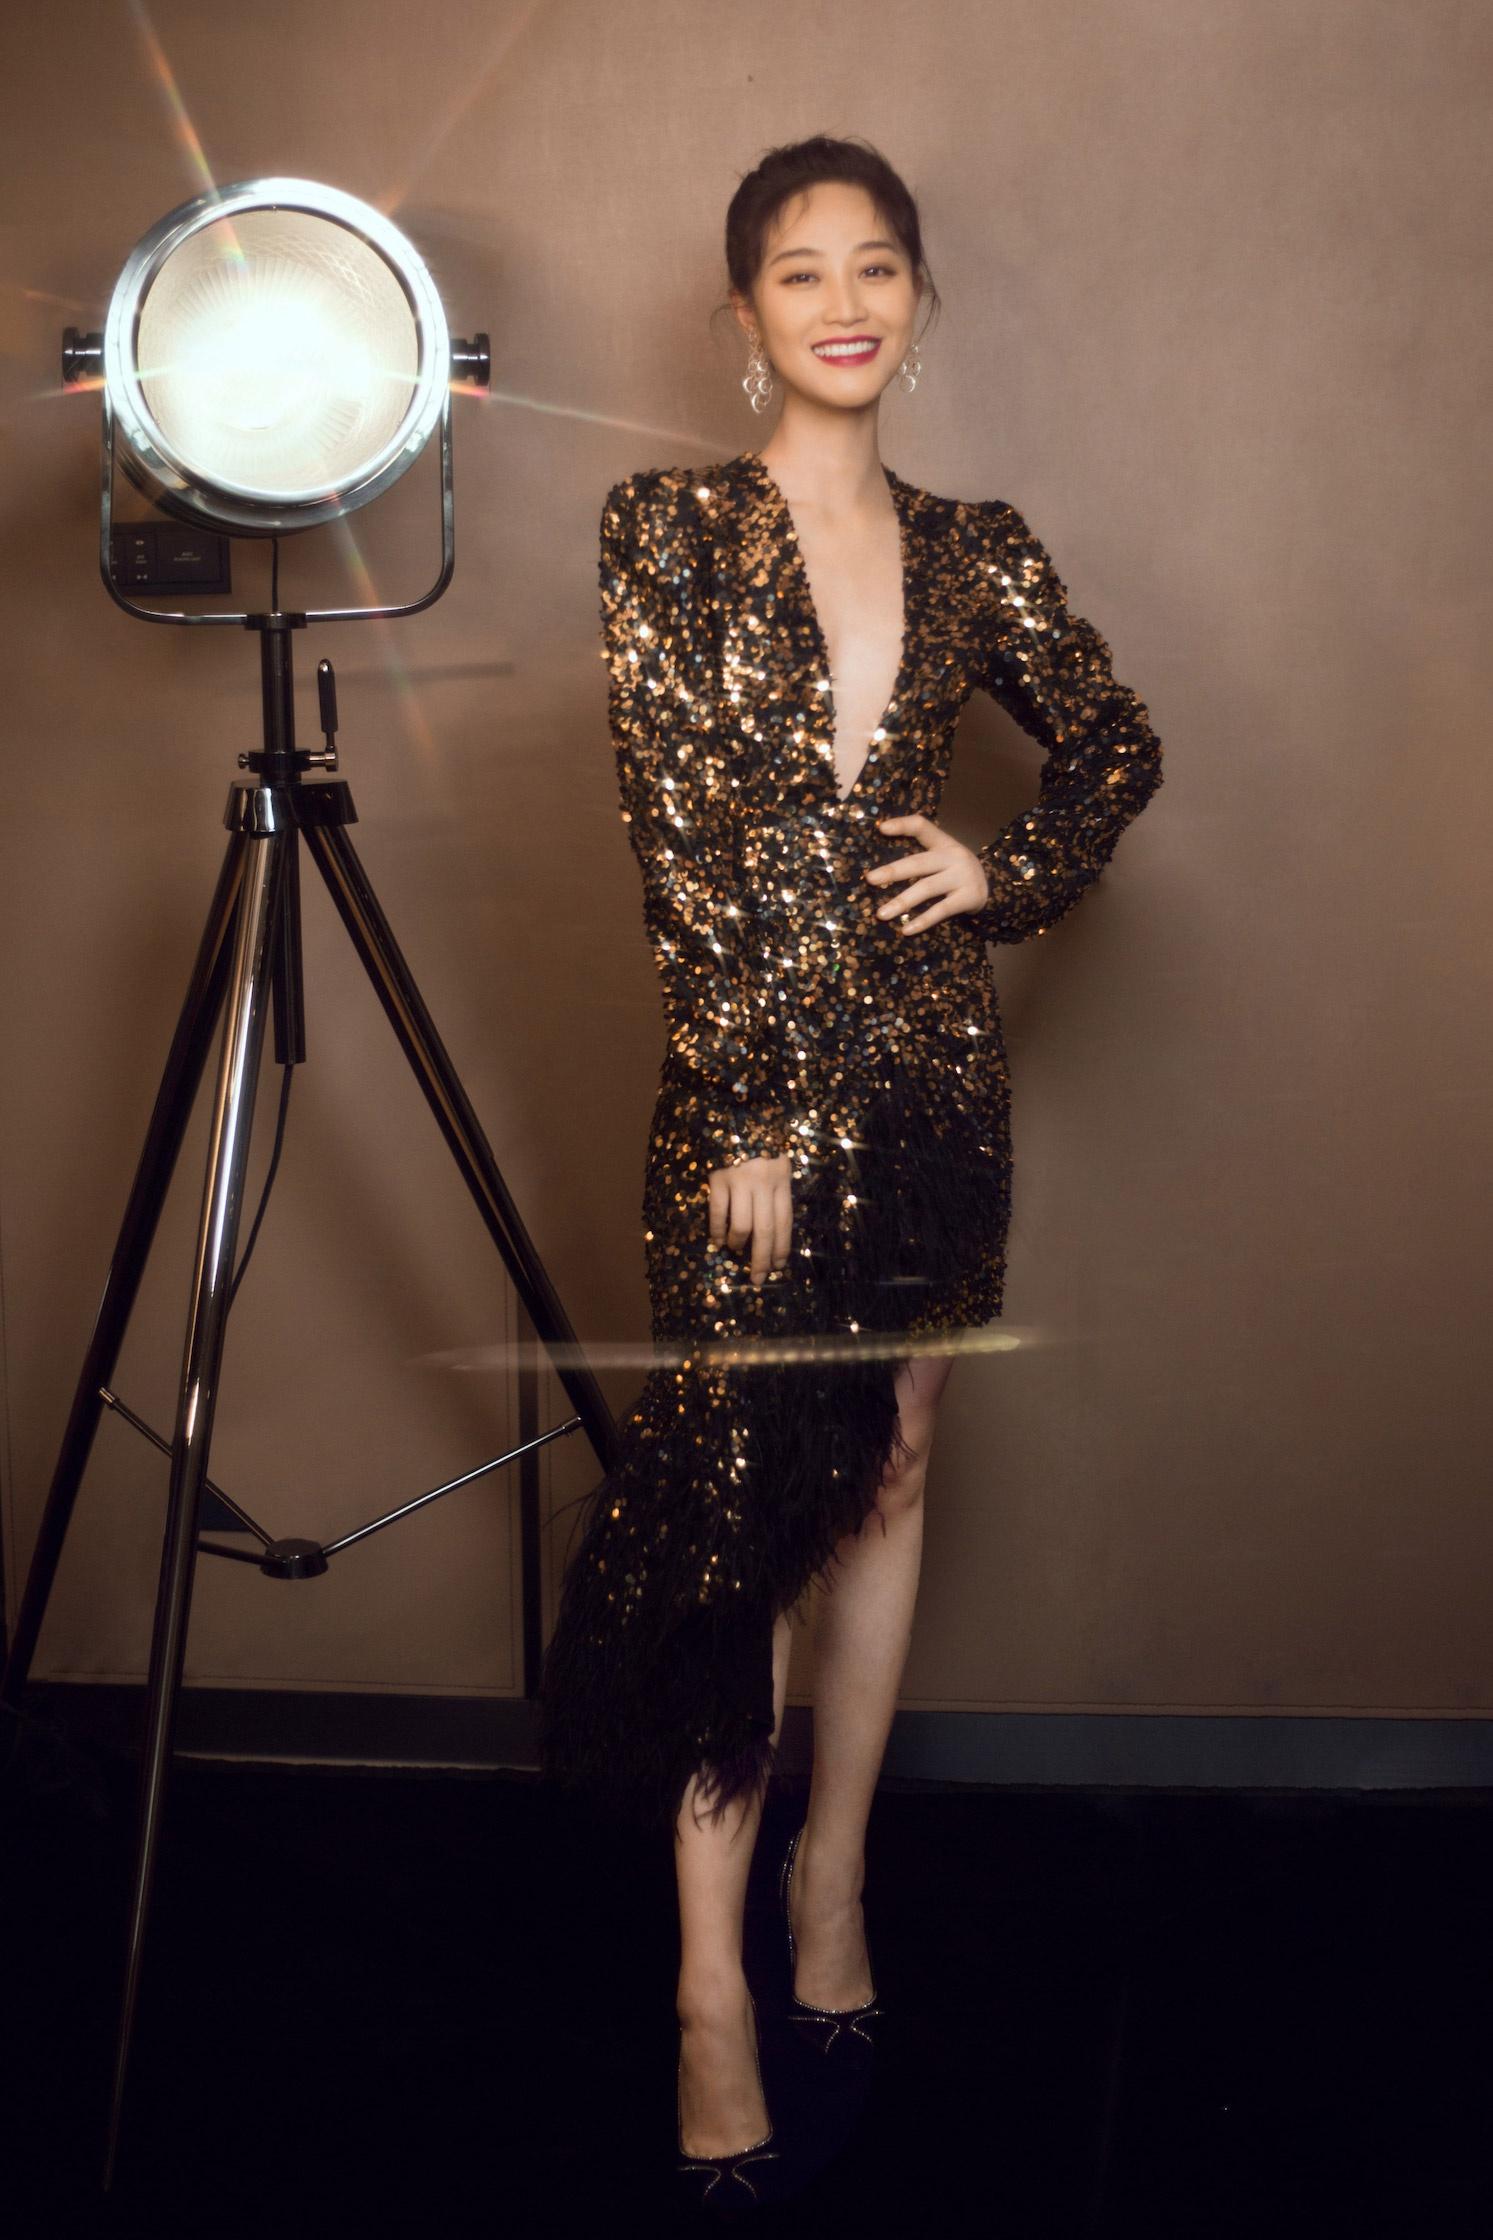 蓝盈莹不规则亮片裙化身人间美人鱼  于光影间散发时尚魅力